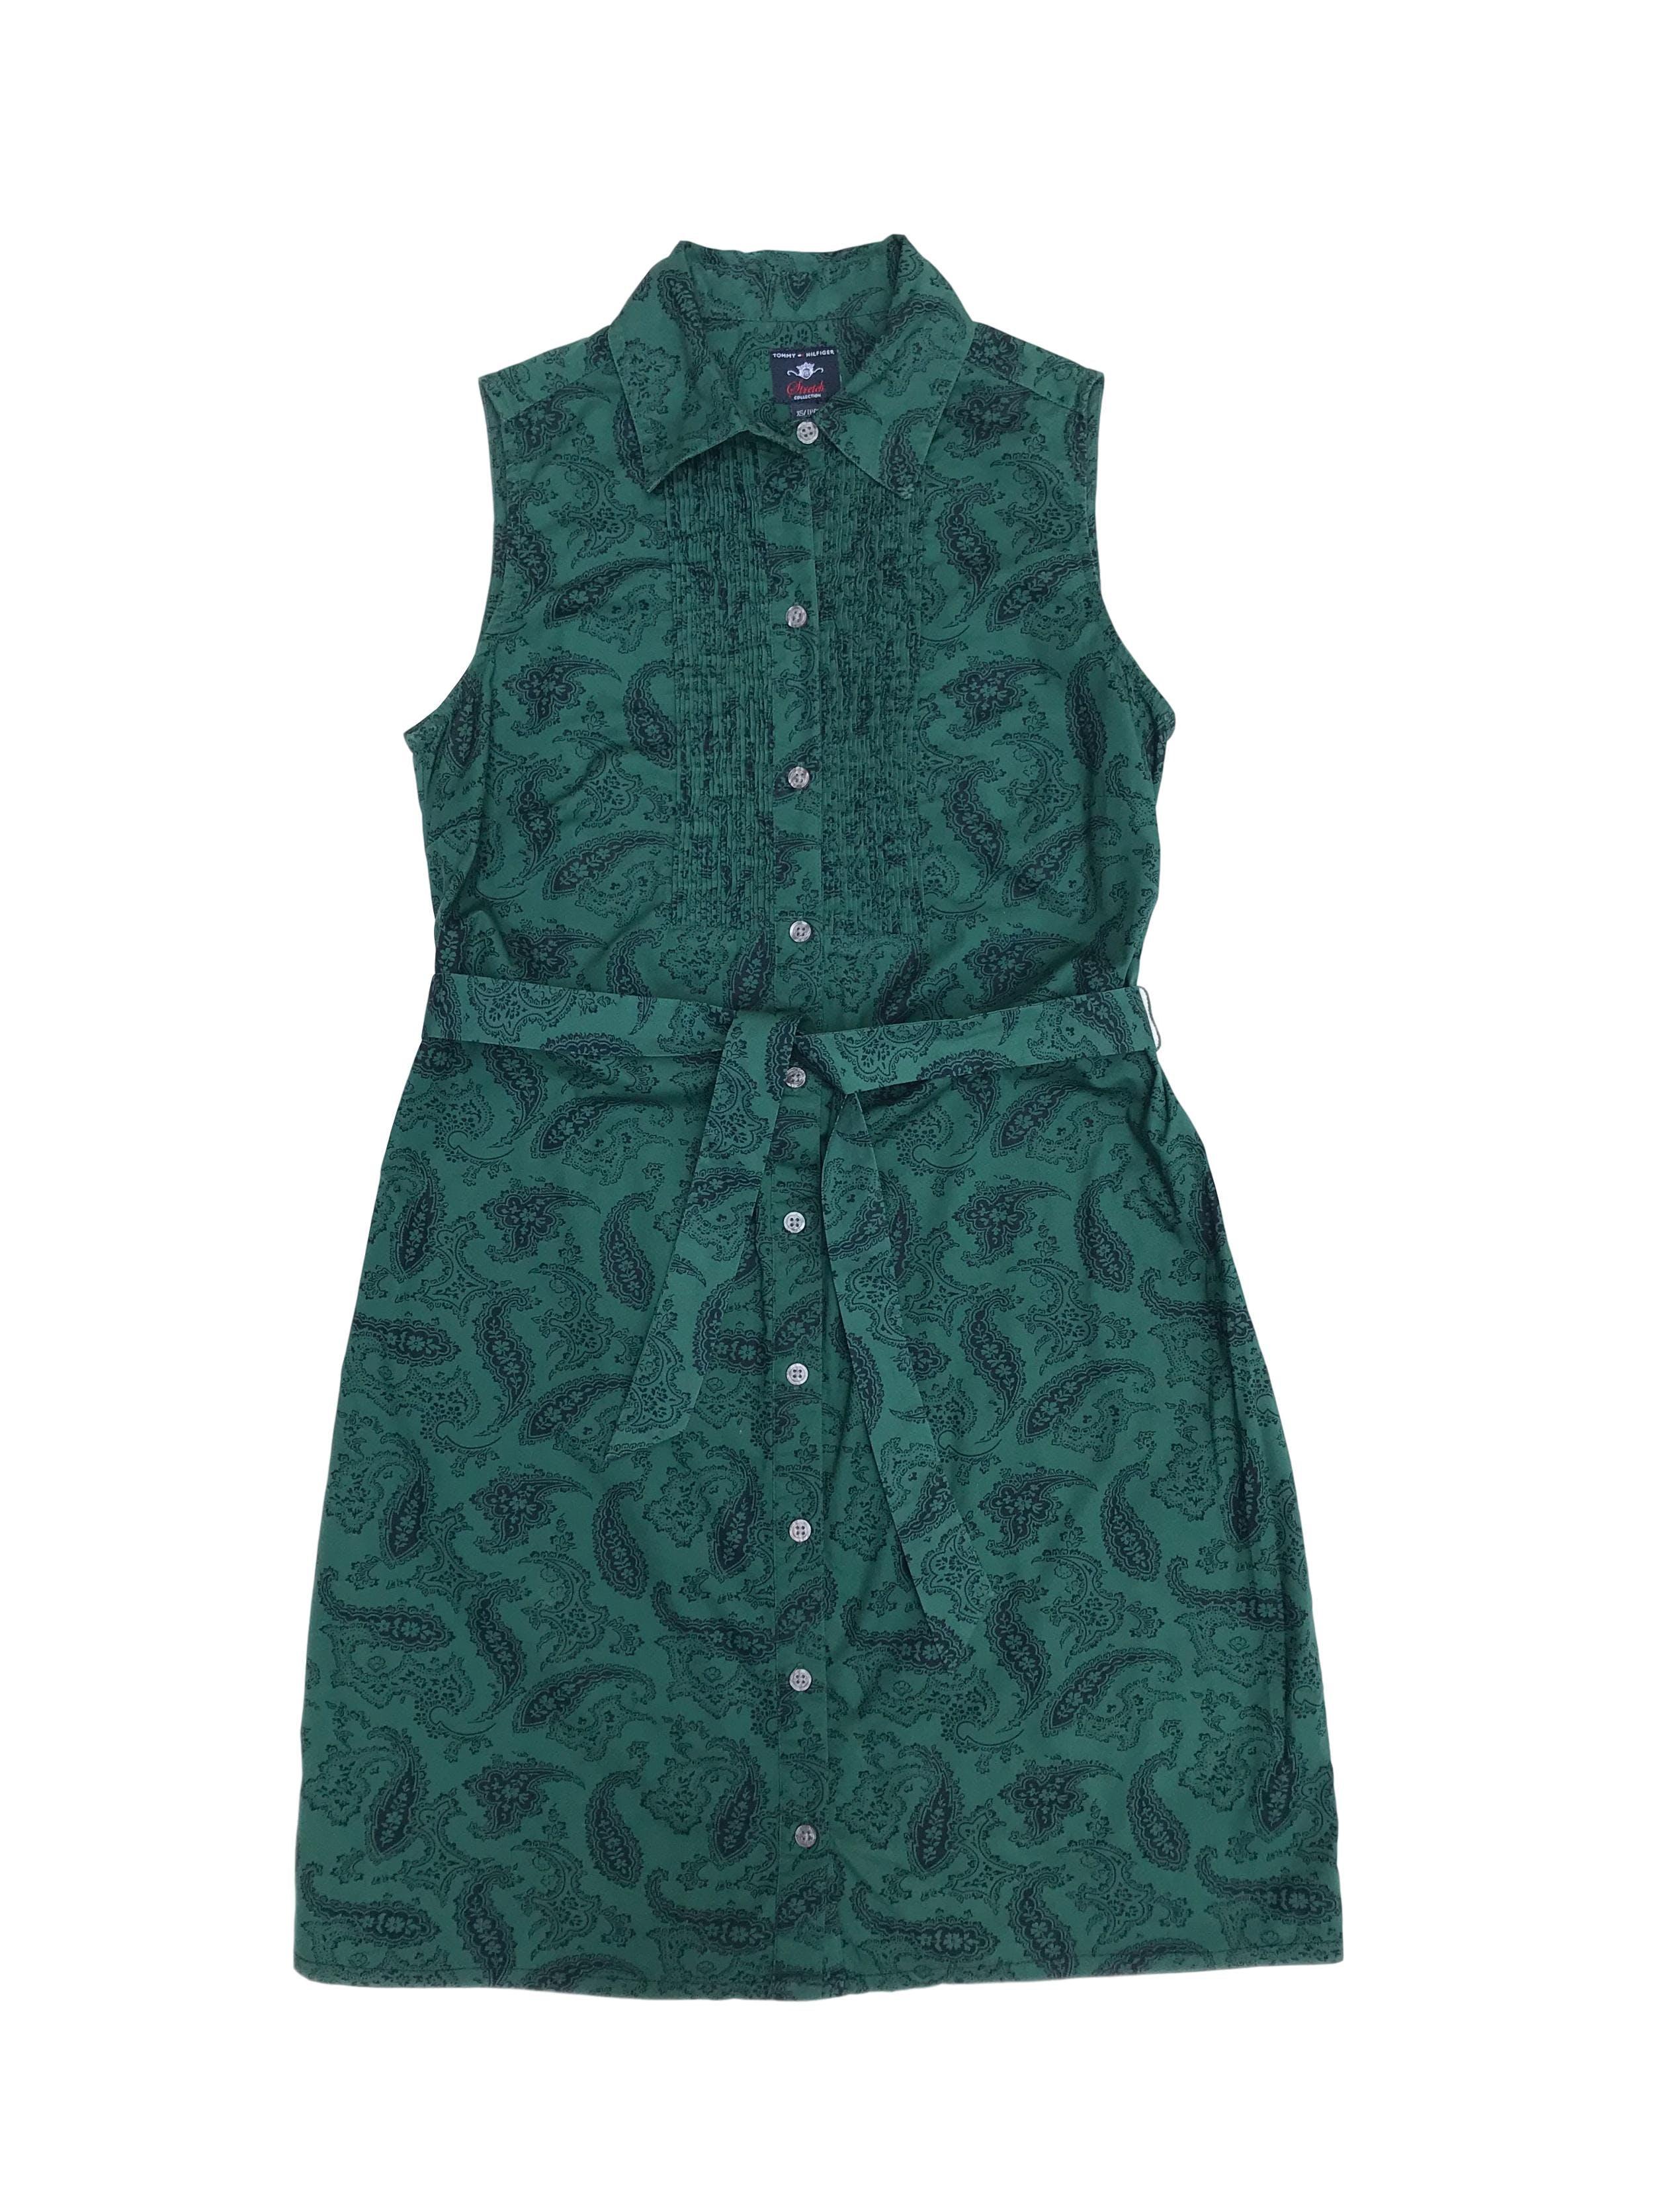 Vestido Tommy Hilfiger 97% algodón verde con estampado paisley azul, camisero con cinto para amarrar. Busto 90cm Largo 85cm. Precio original S/ 380